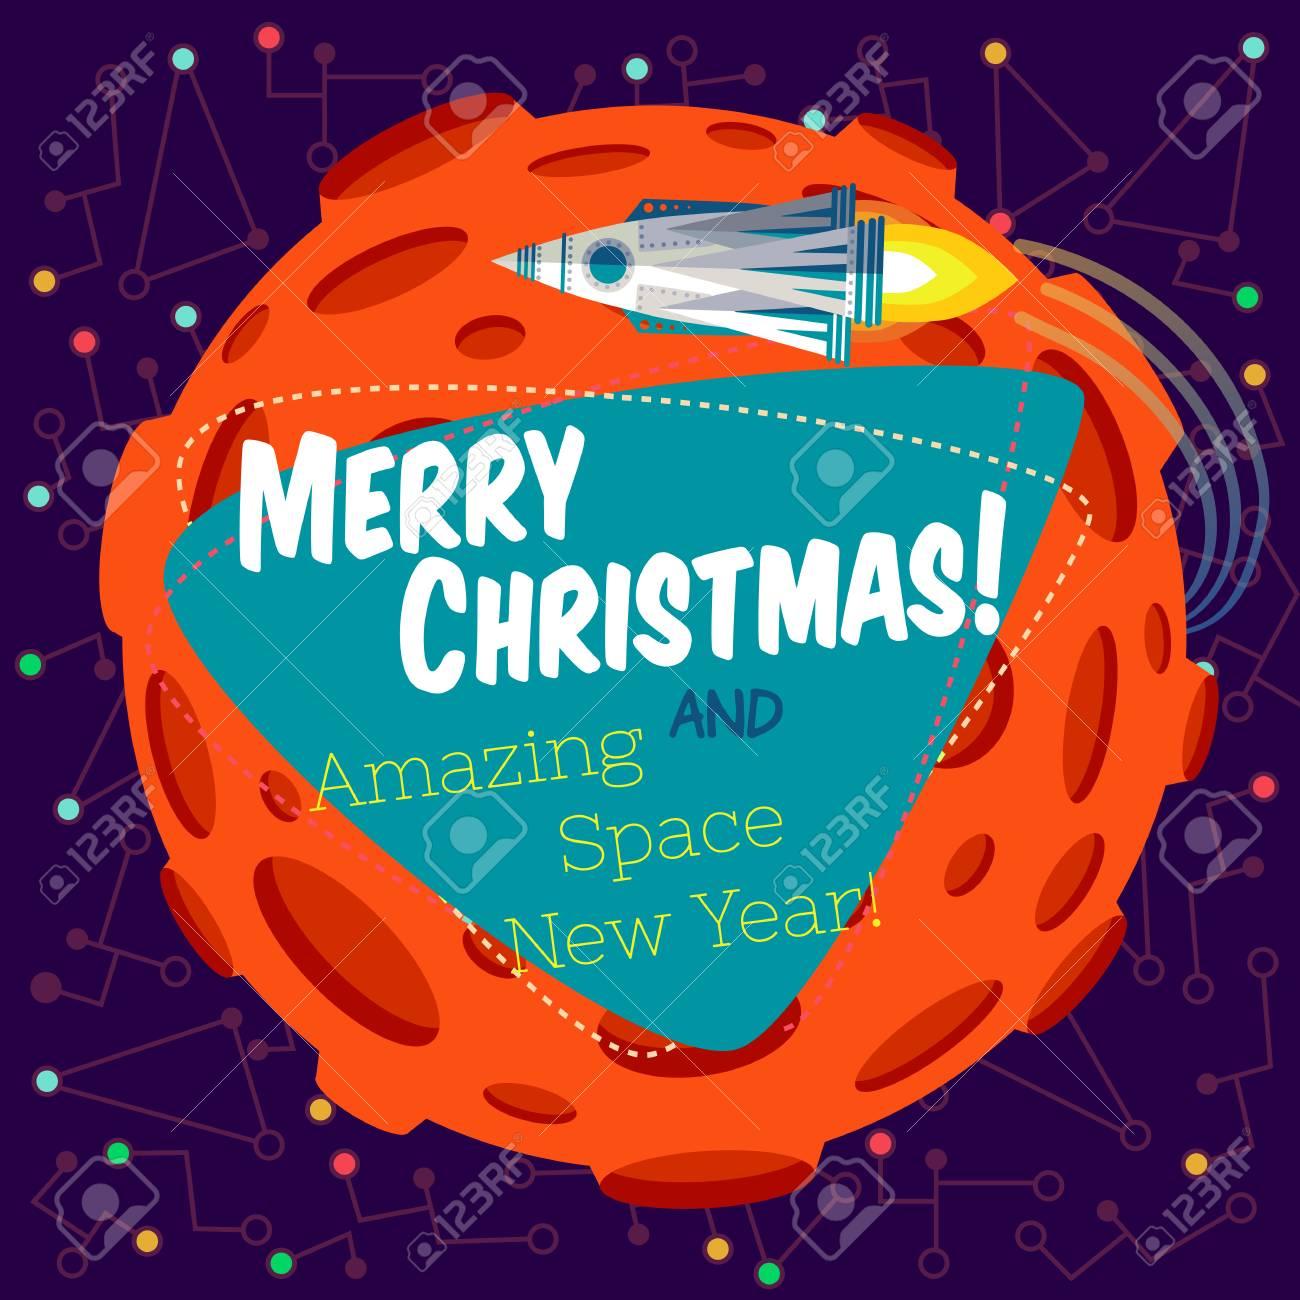 Weihnachtsgrußkarte: Frohe Weihnachten Und Erstaunlichen Raum Neues ...